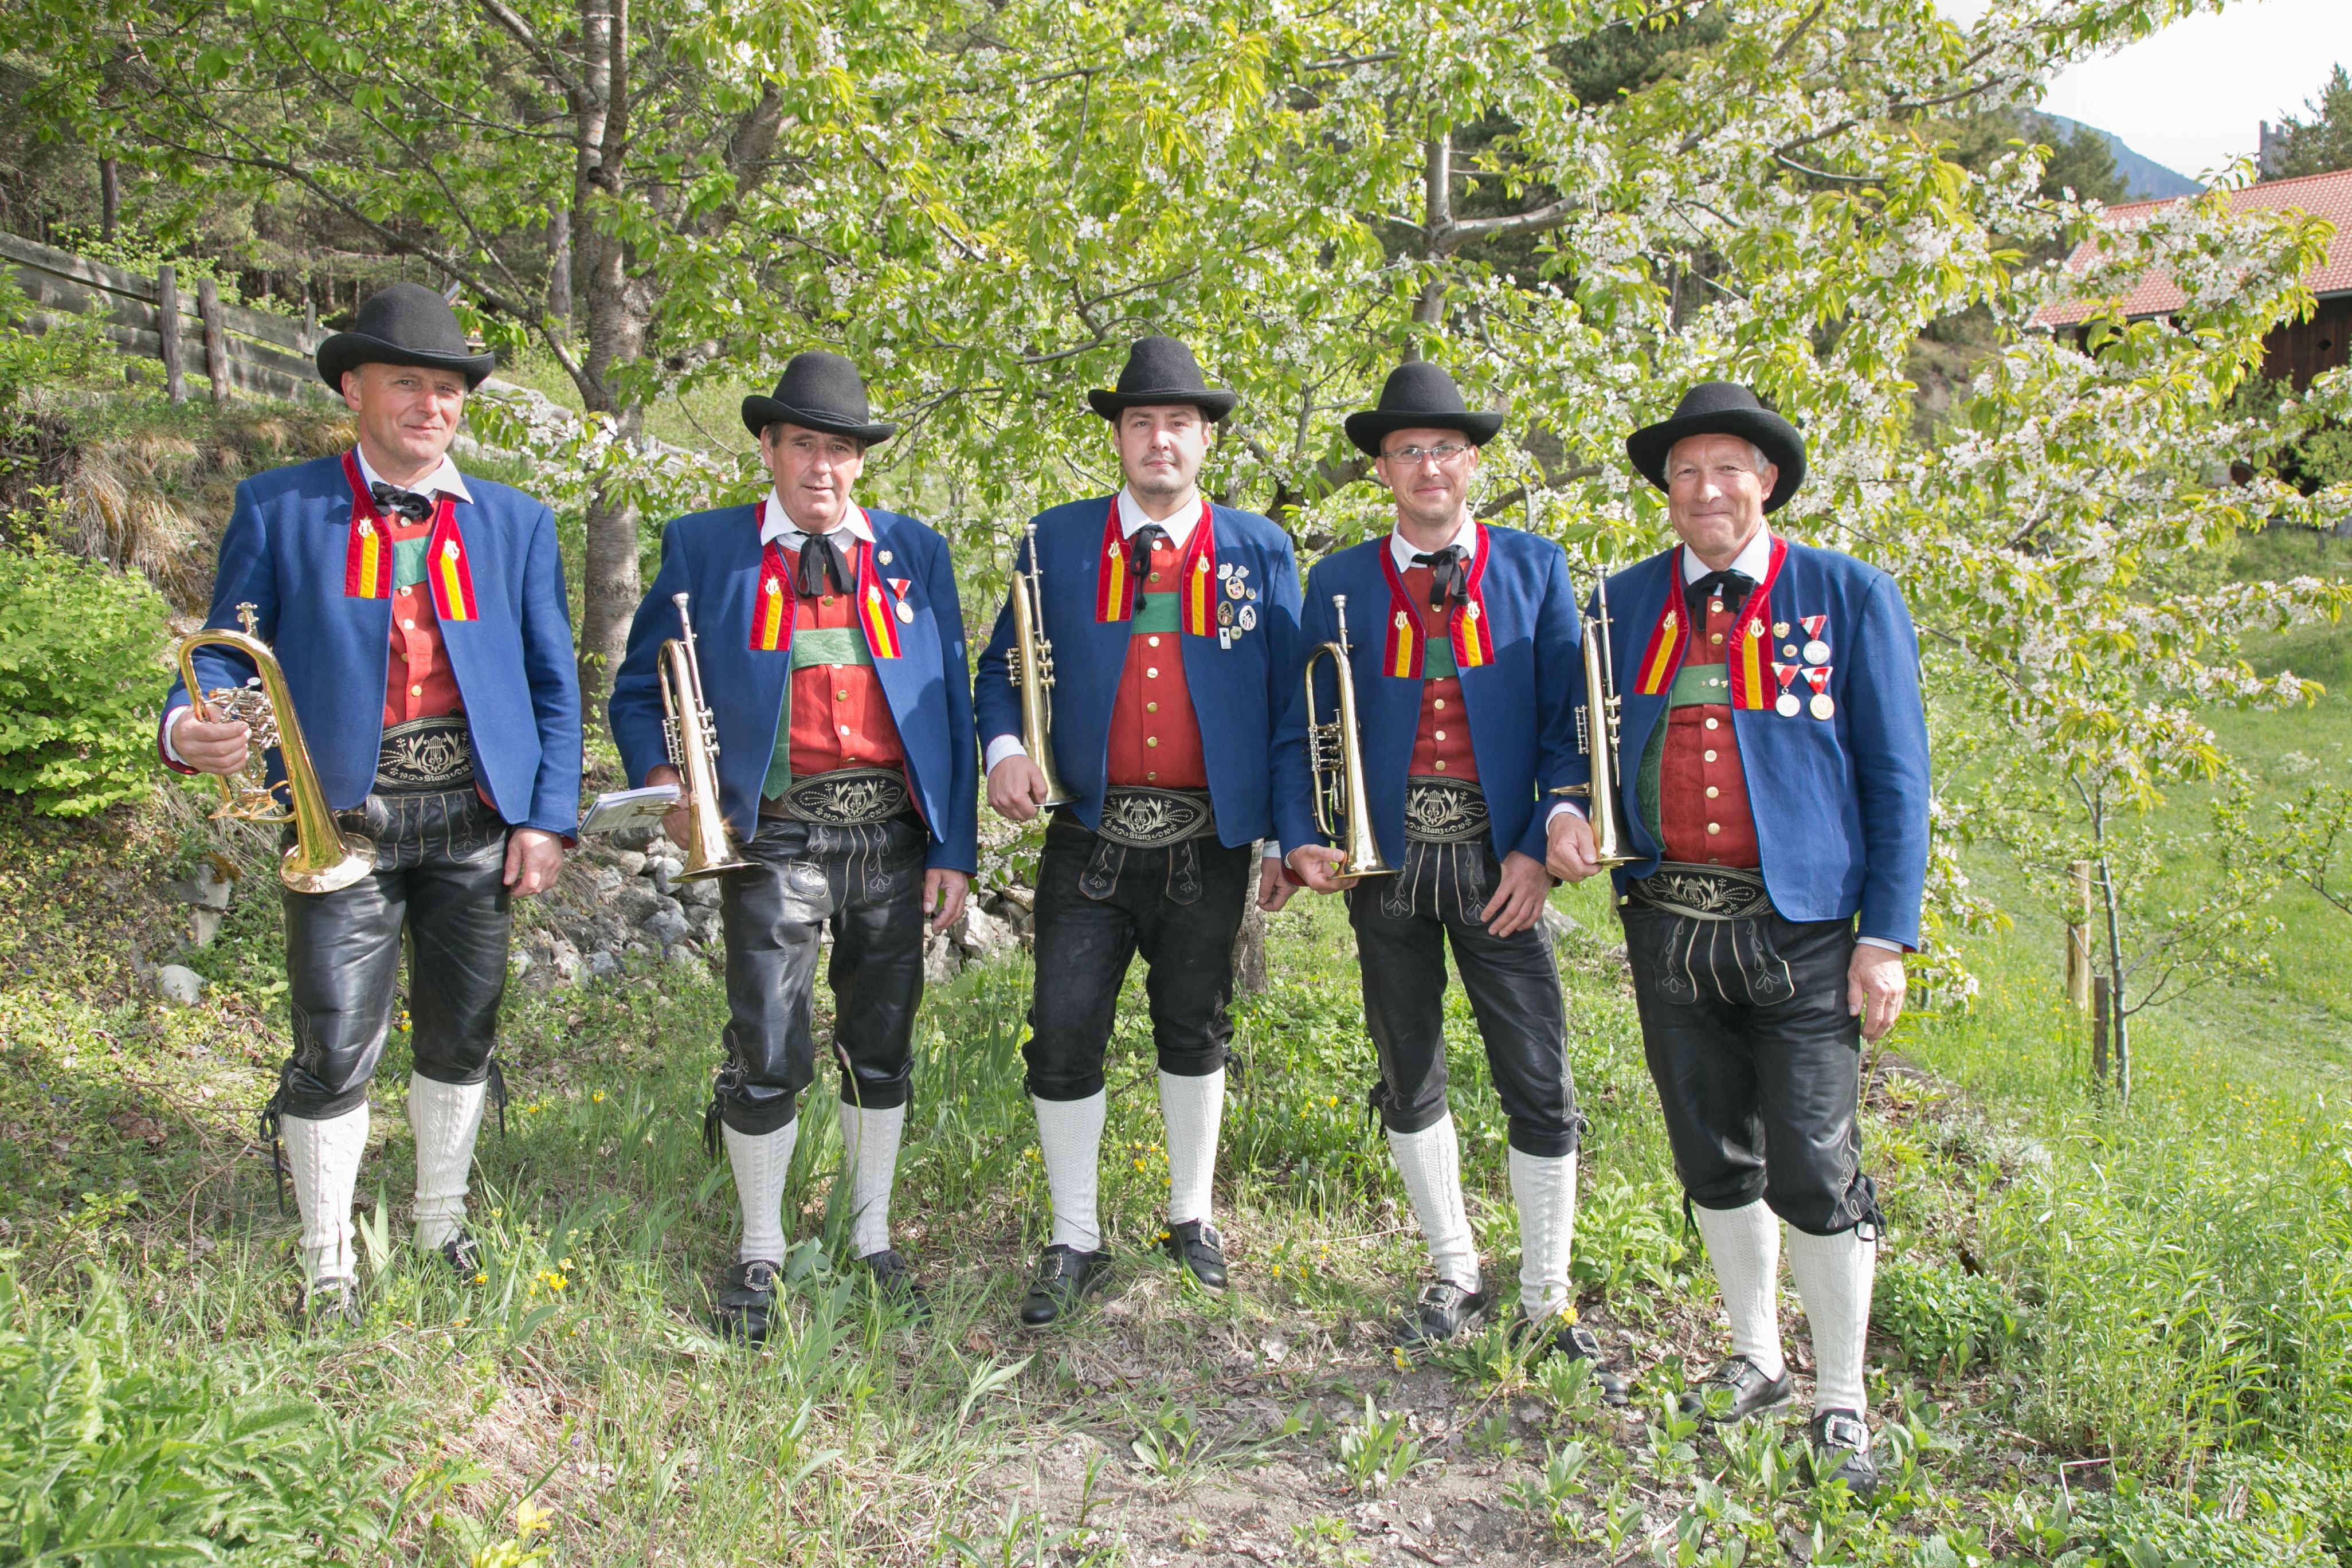 (von rechts): Schütz Gebhard, Nothdurfter Simon, Senn Alfred, Gruber Franz (im Bild nicht zu sehen: Senn Hugo)